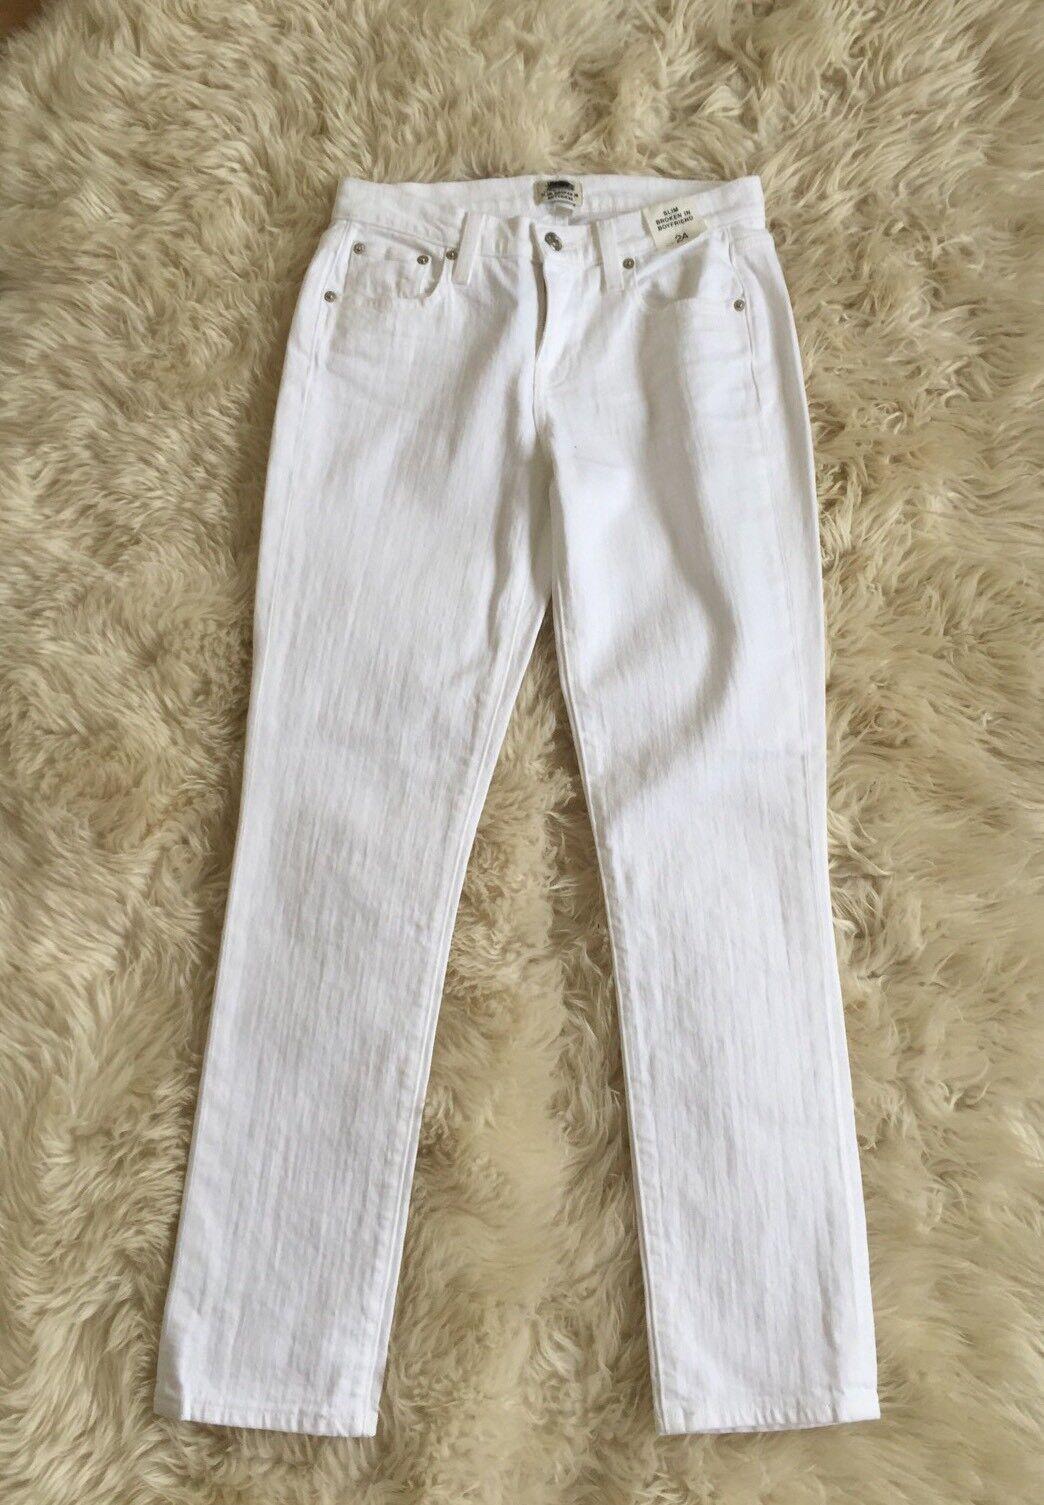 New JCREW Slim broken-in boyfriend jean in white Sz 24 C1008  110 SUMMER 2017